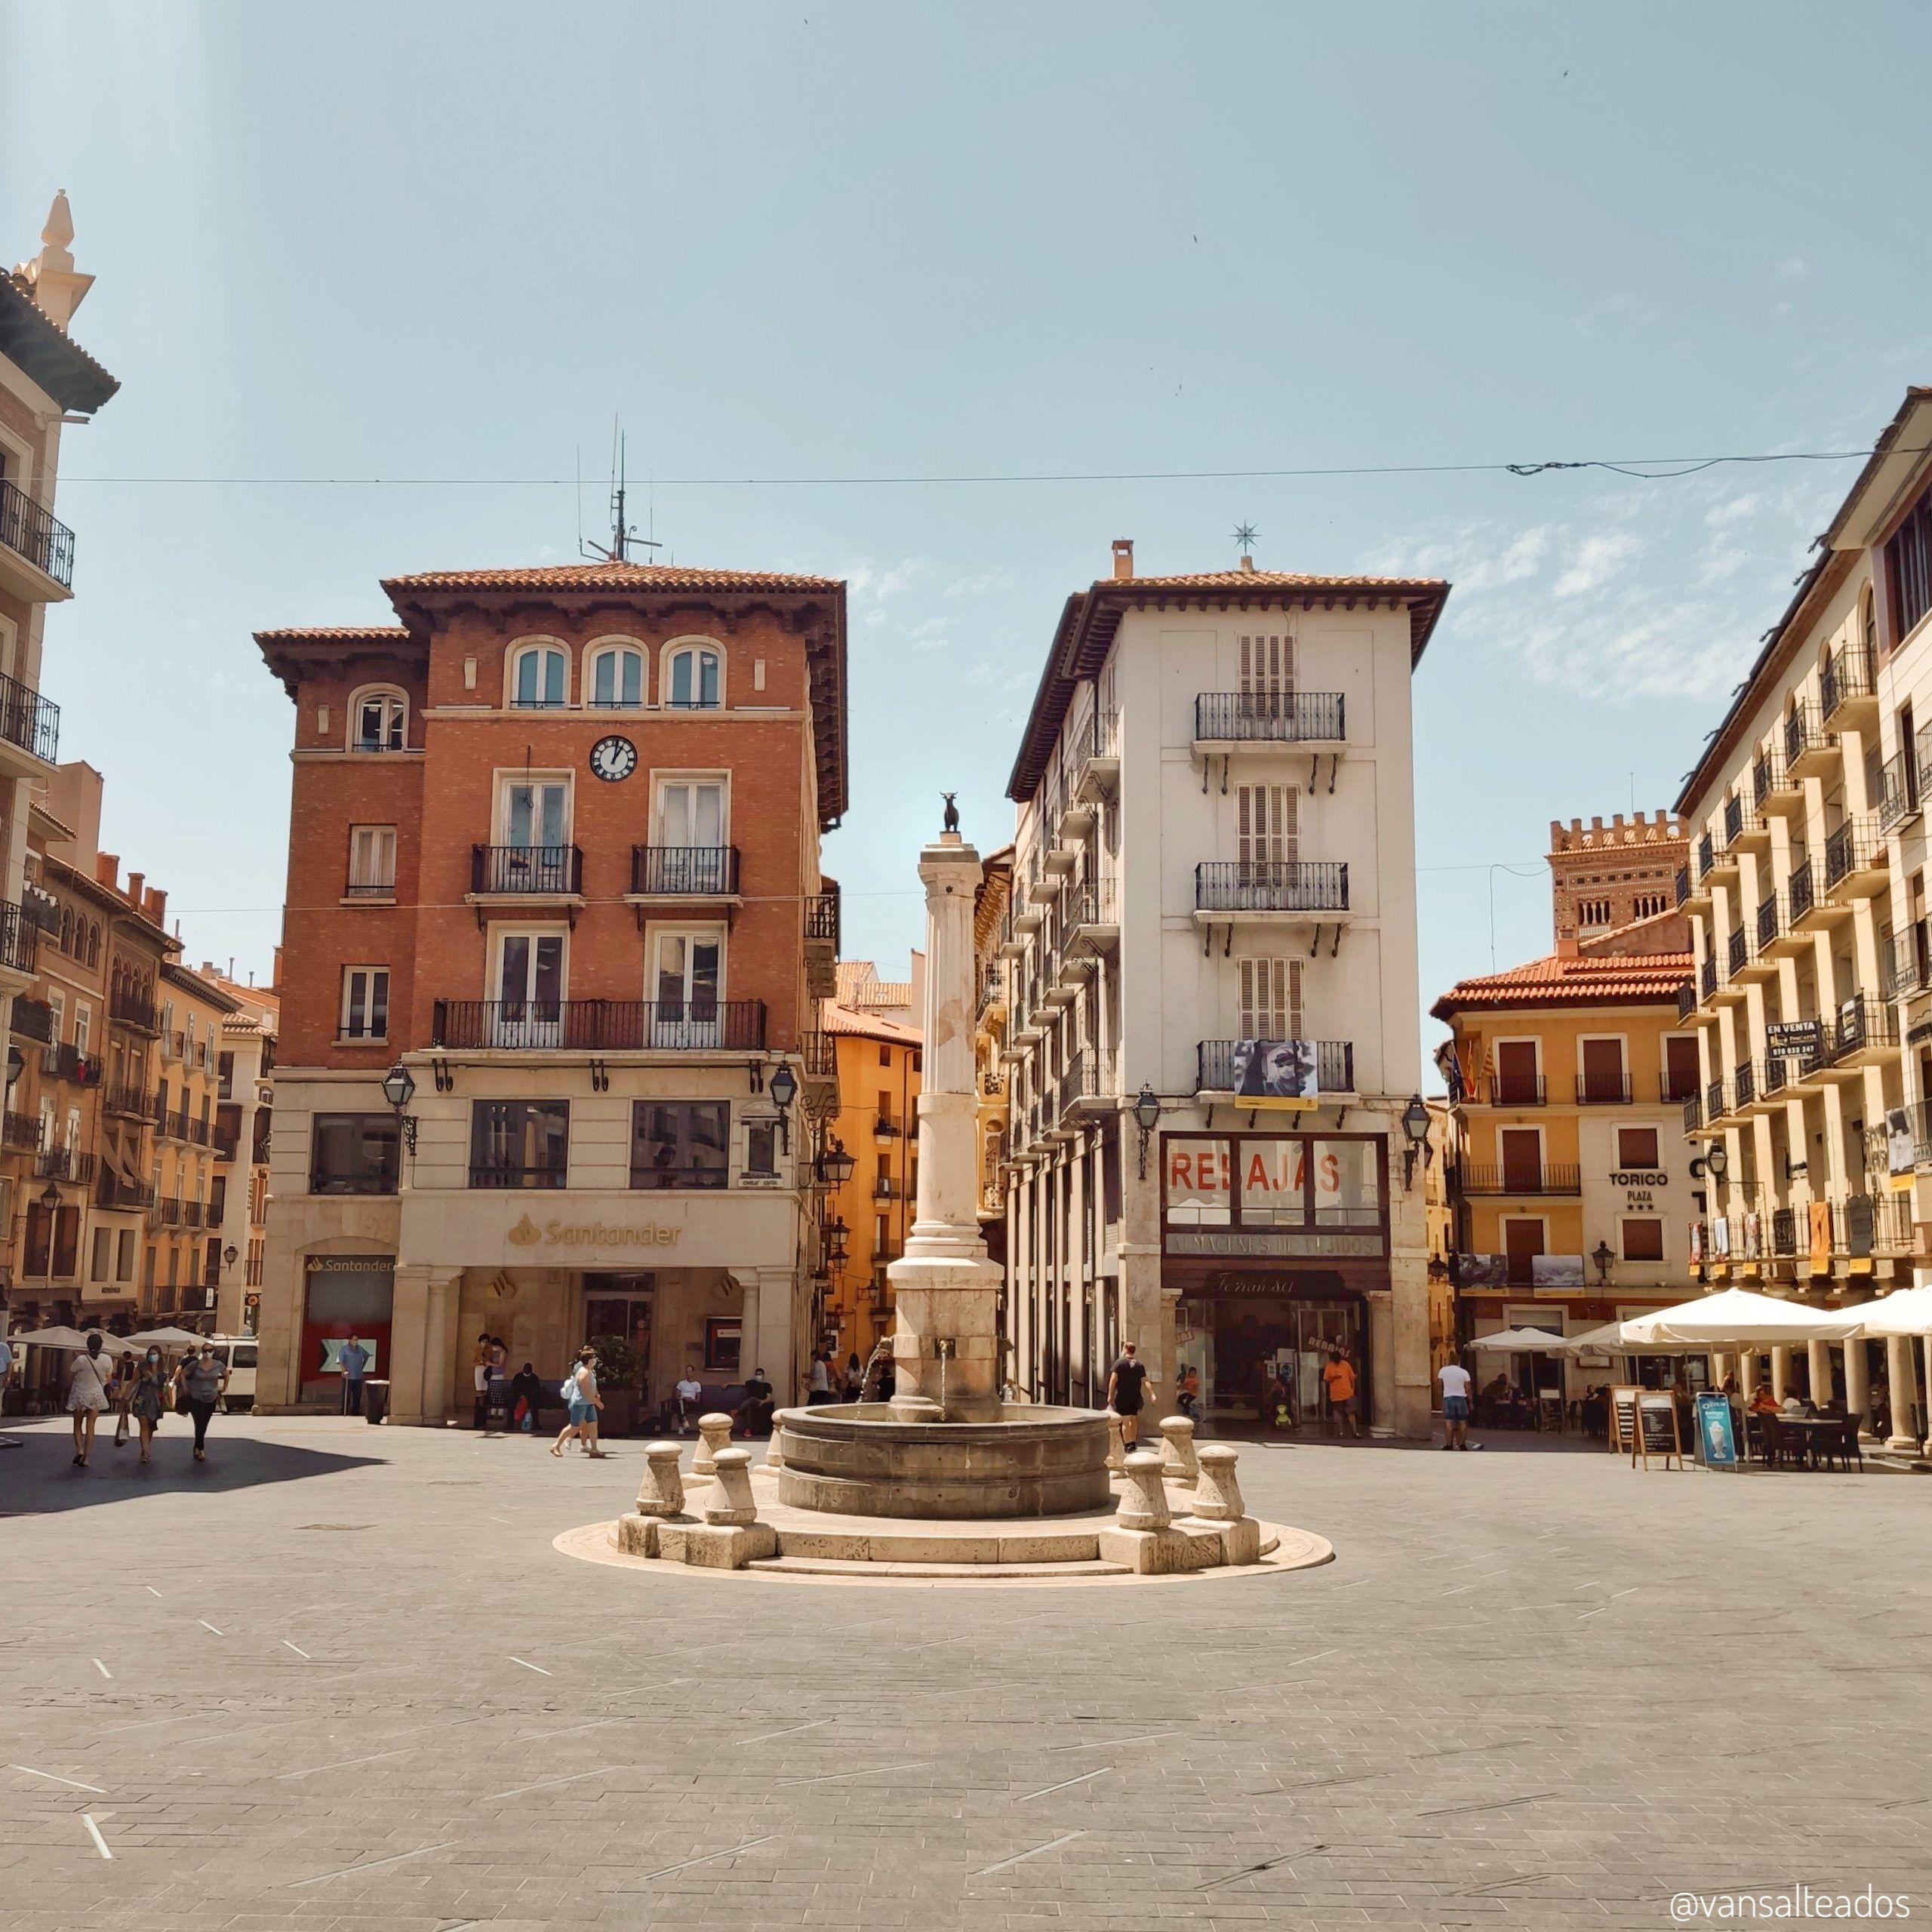 Plaza del torico, Teruel.